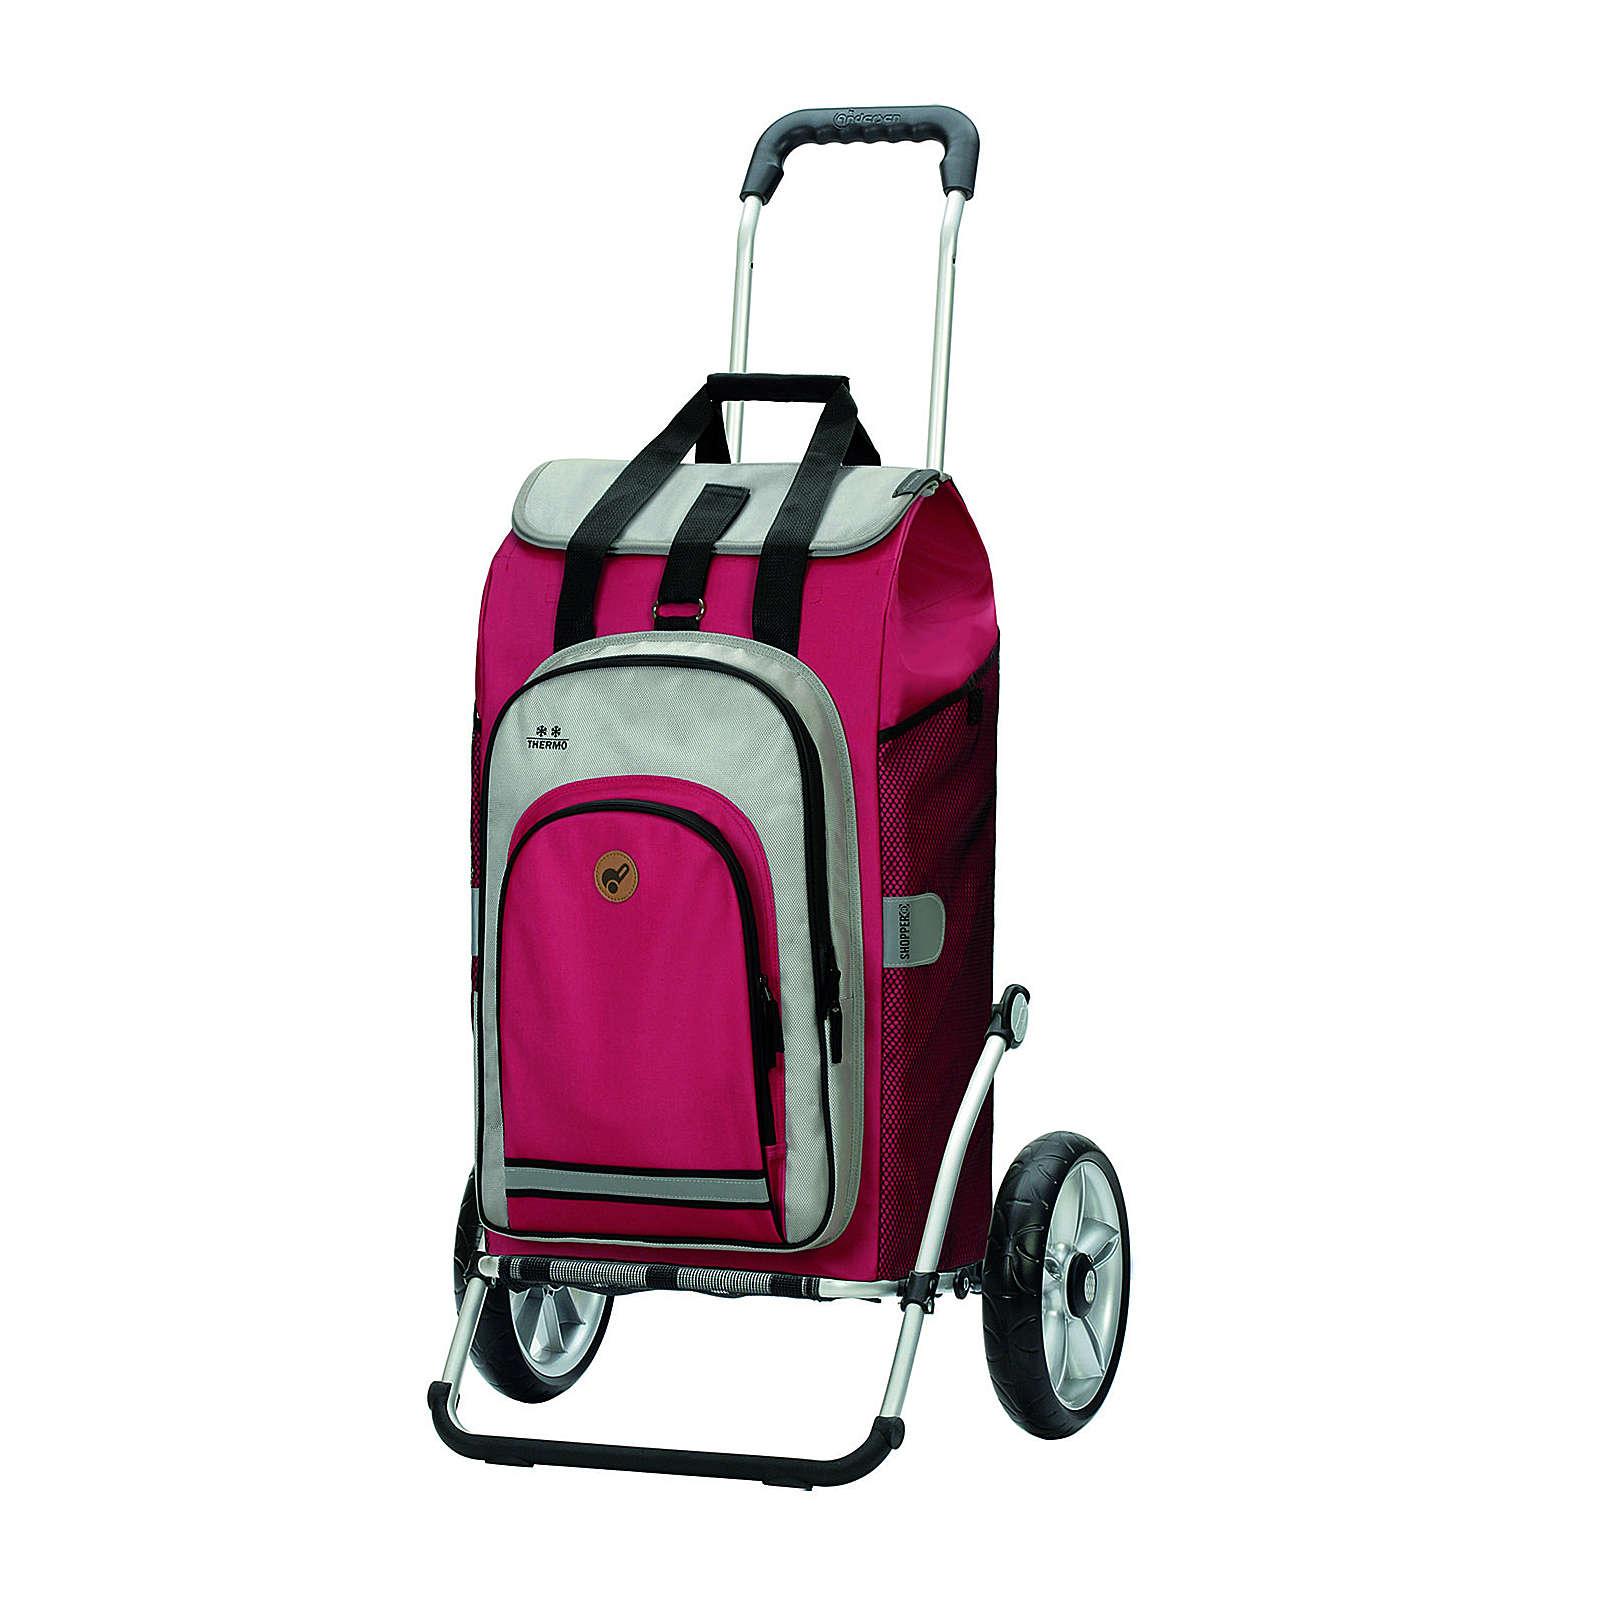 Andersen Royal Shopper Hydro 2.0 Einkaufstrolley 67 cm Einkaufstrolleys pink